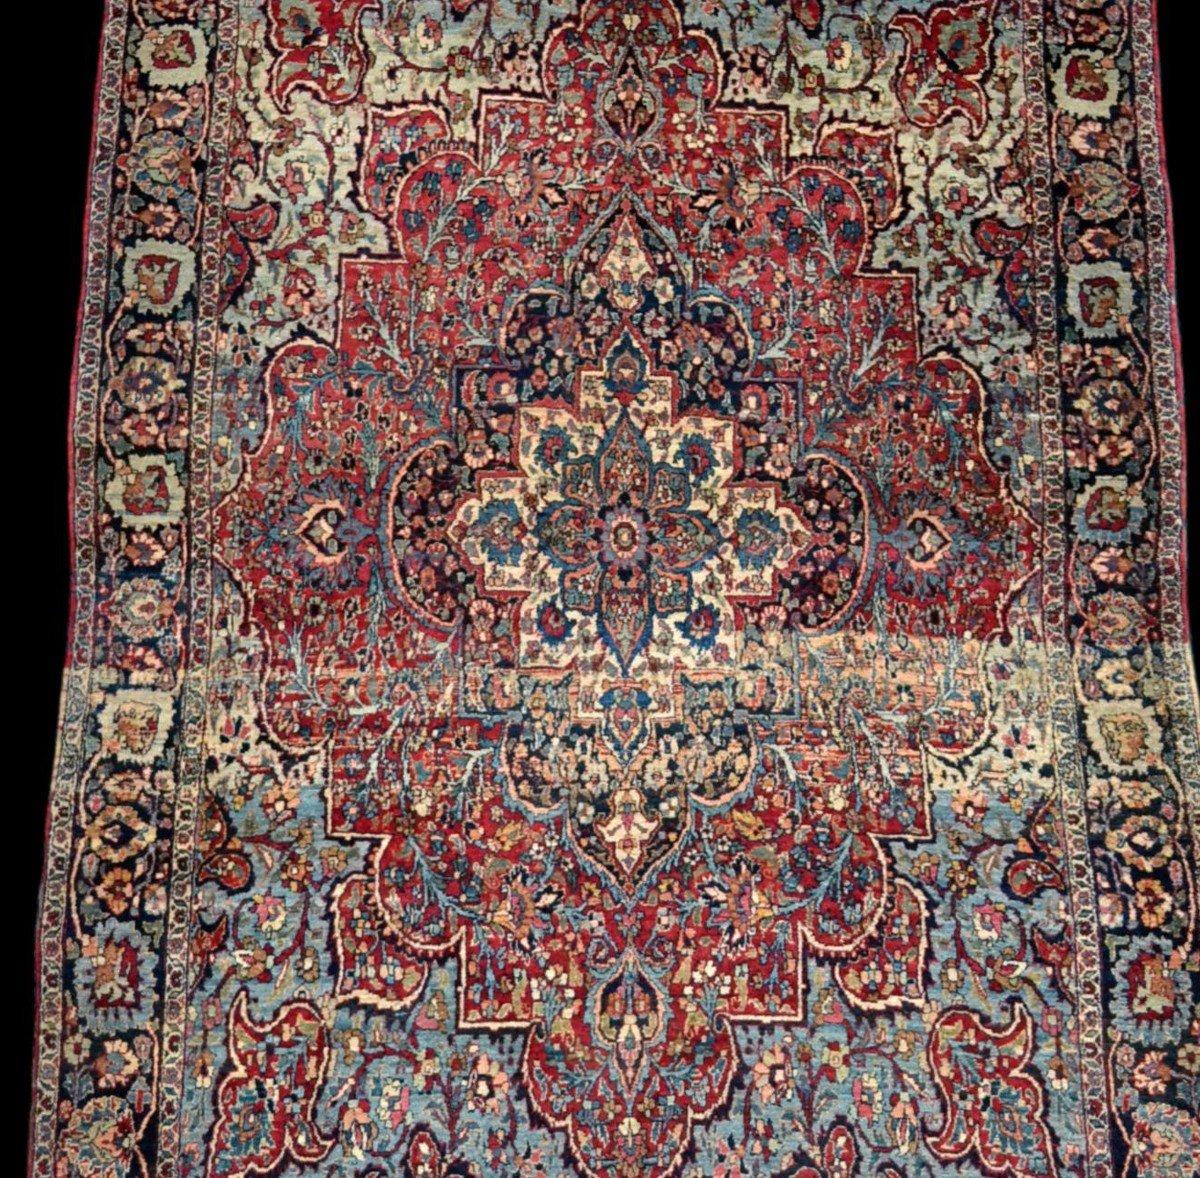 Tapis Persan Ghom ancien, signé, daté, laine et soie, 135 cm x 197 cm, Iran, très bon état-photo-5